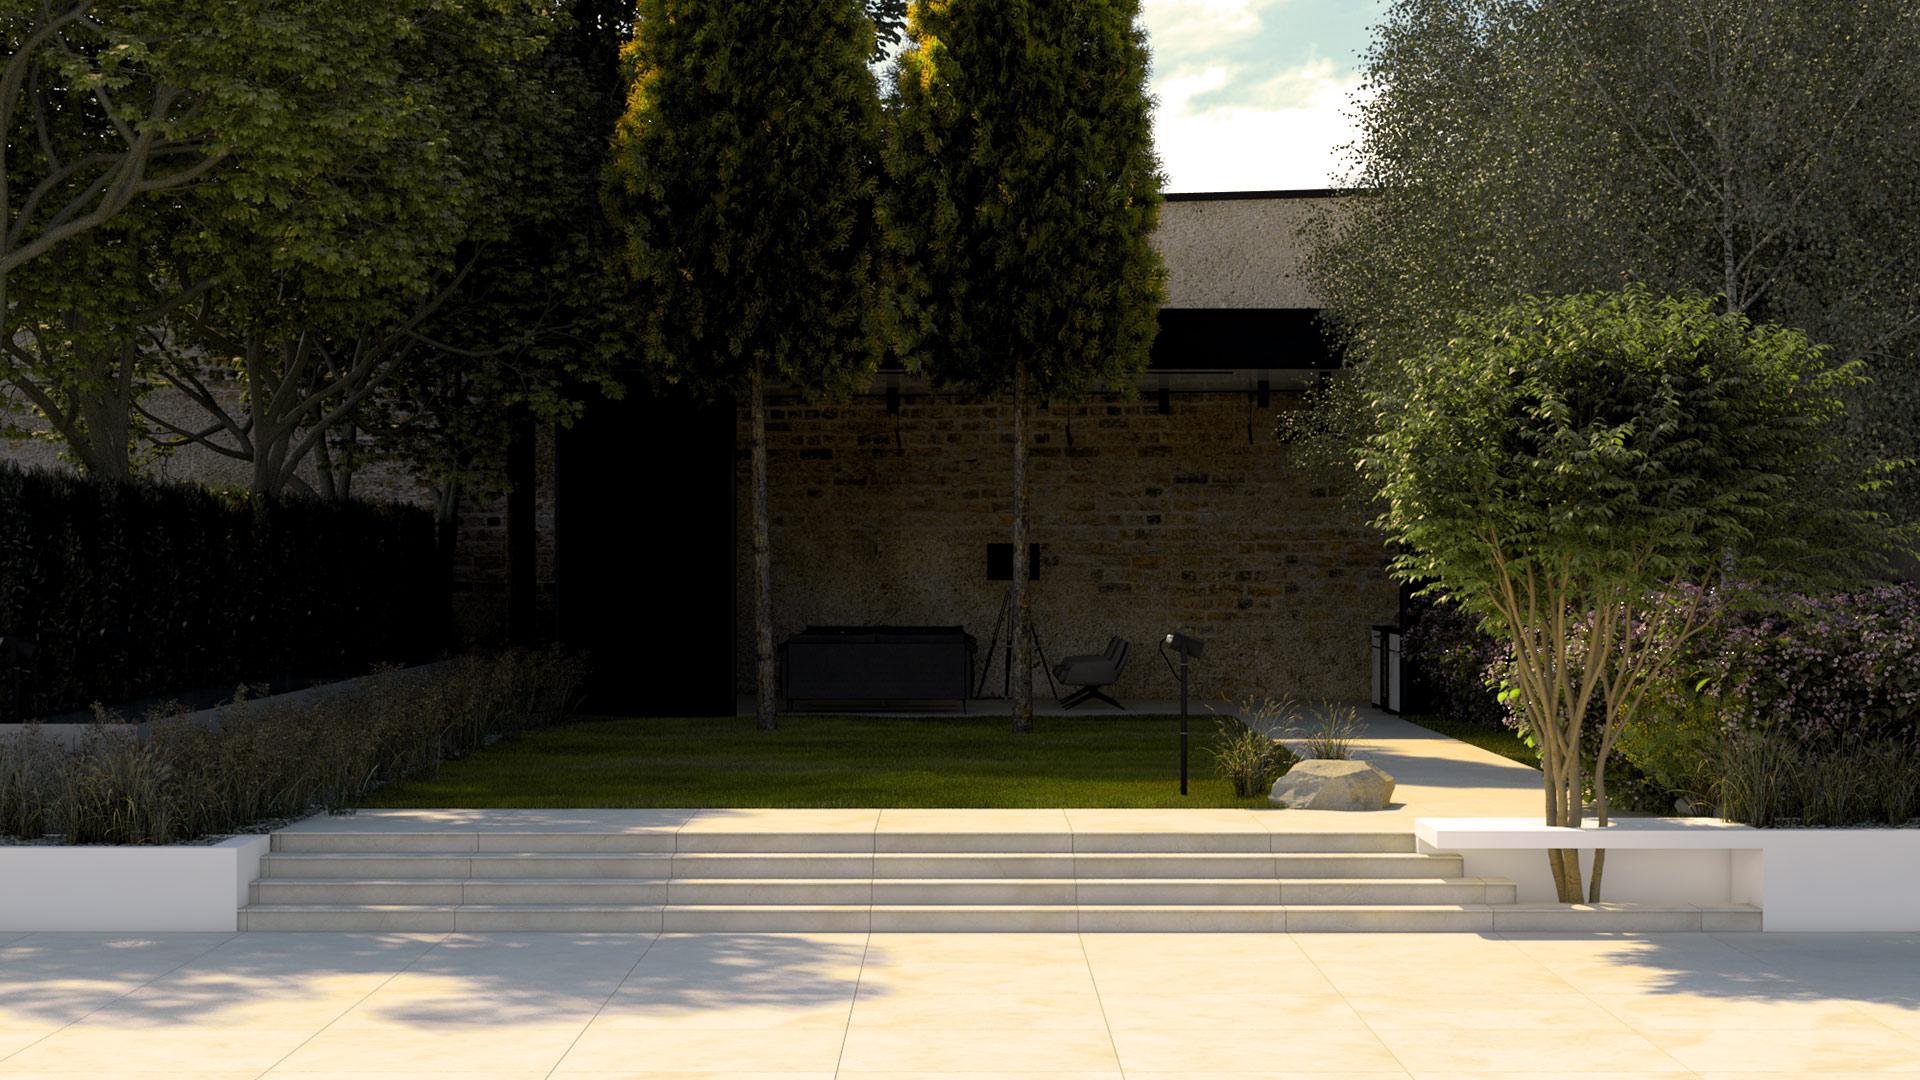 amenajarea unei gradini cu pavilion metalic